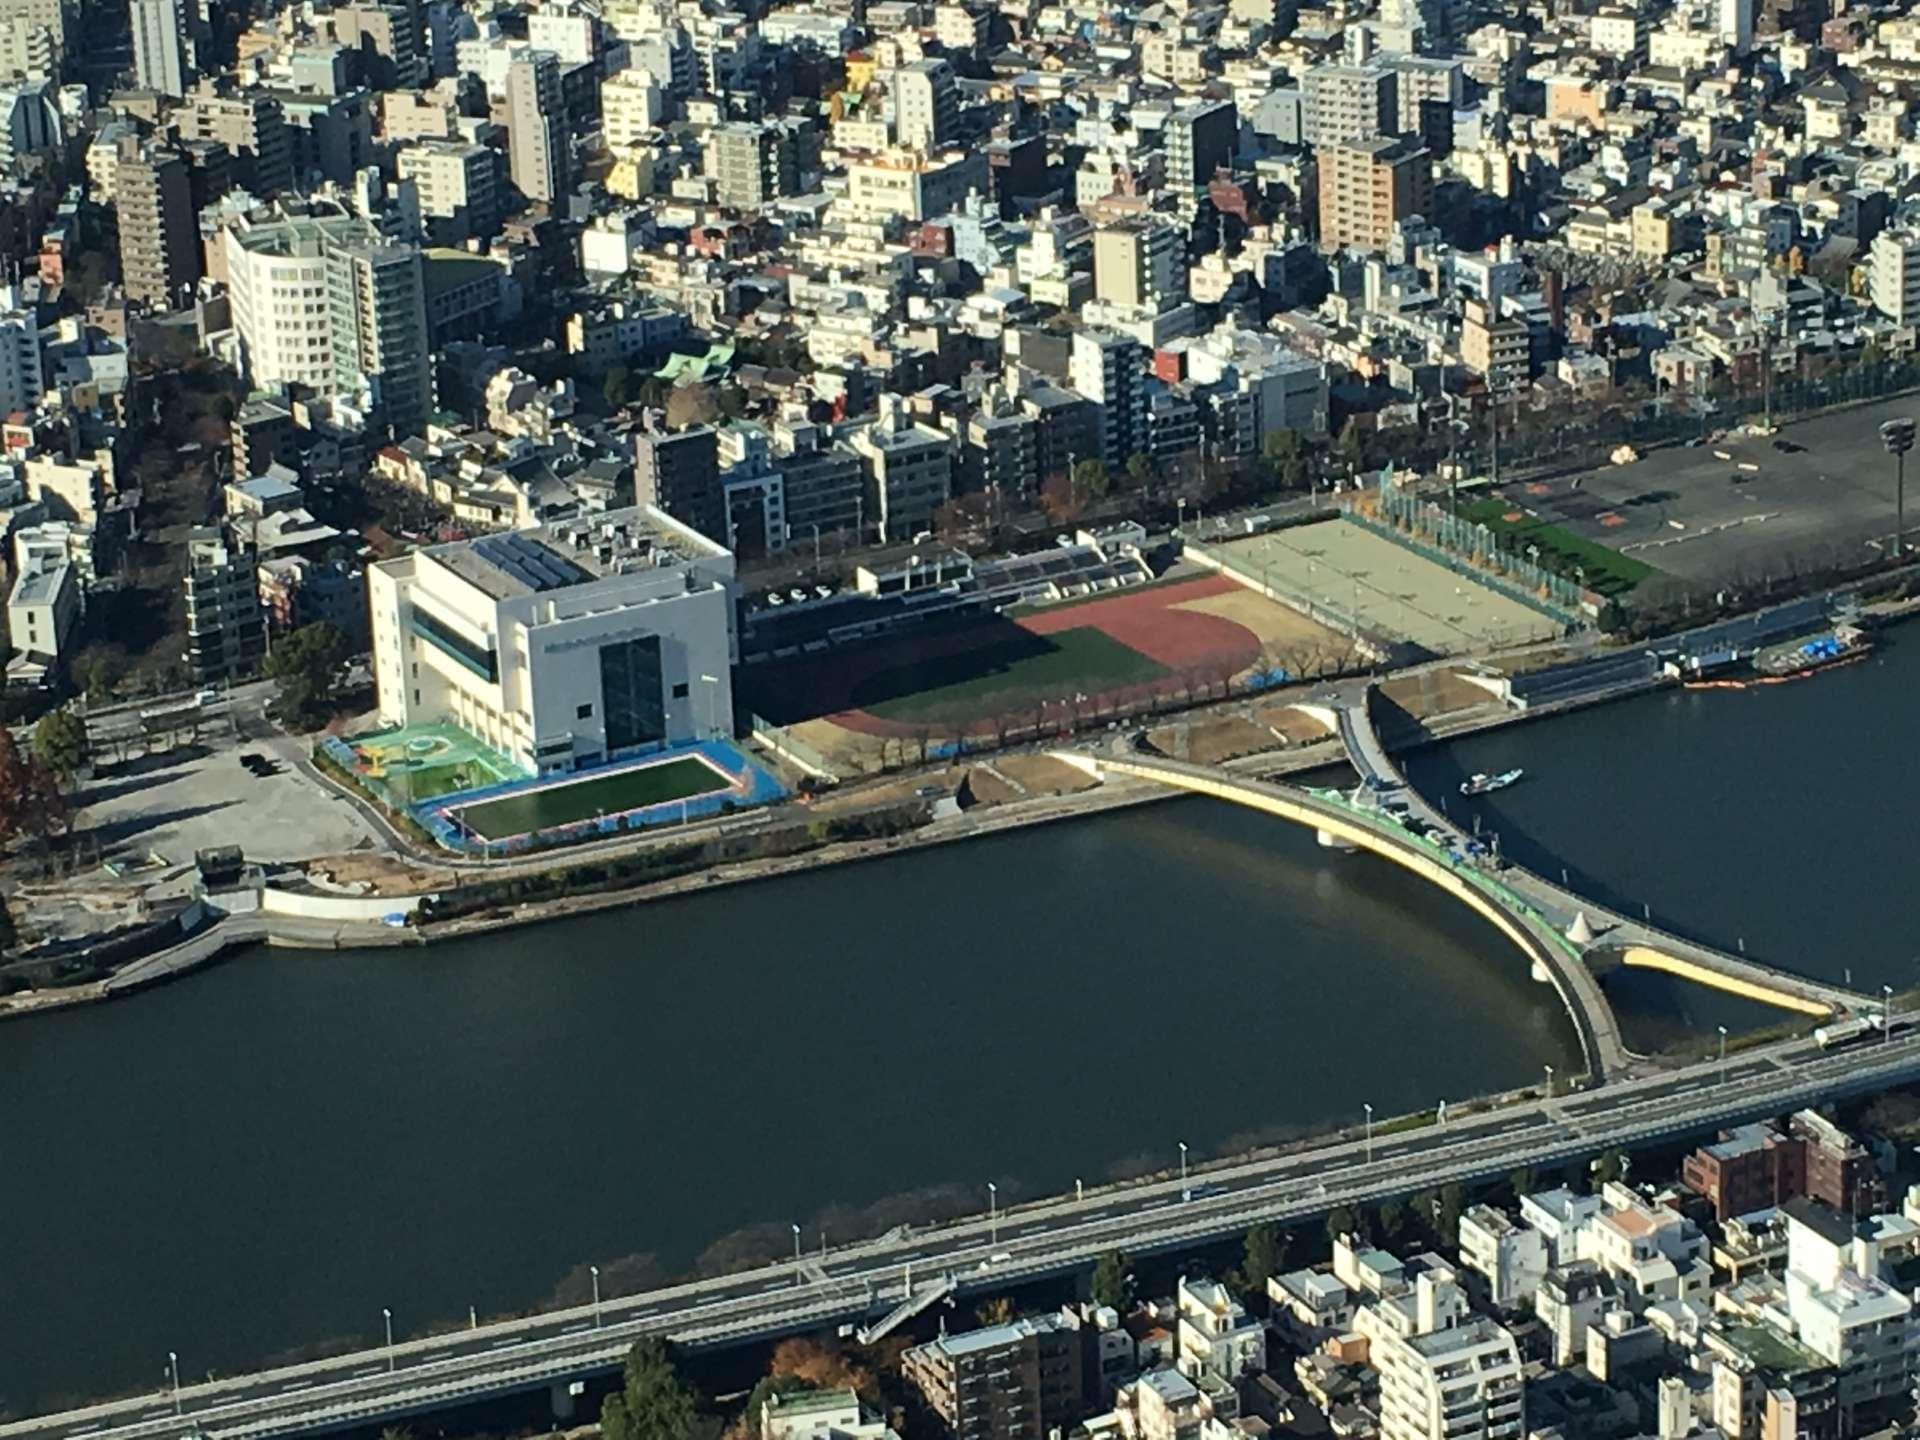 从天望甲板望出去的隅田川